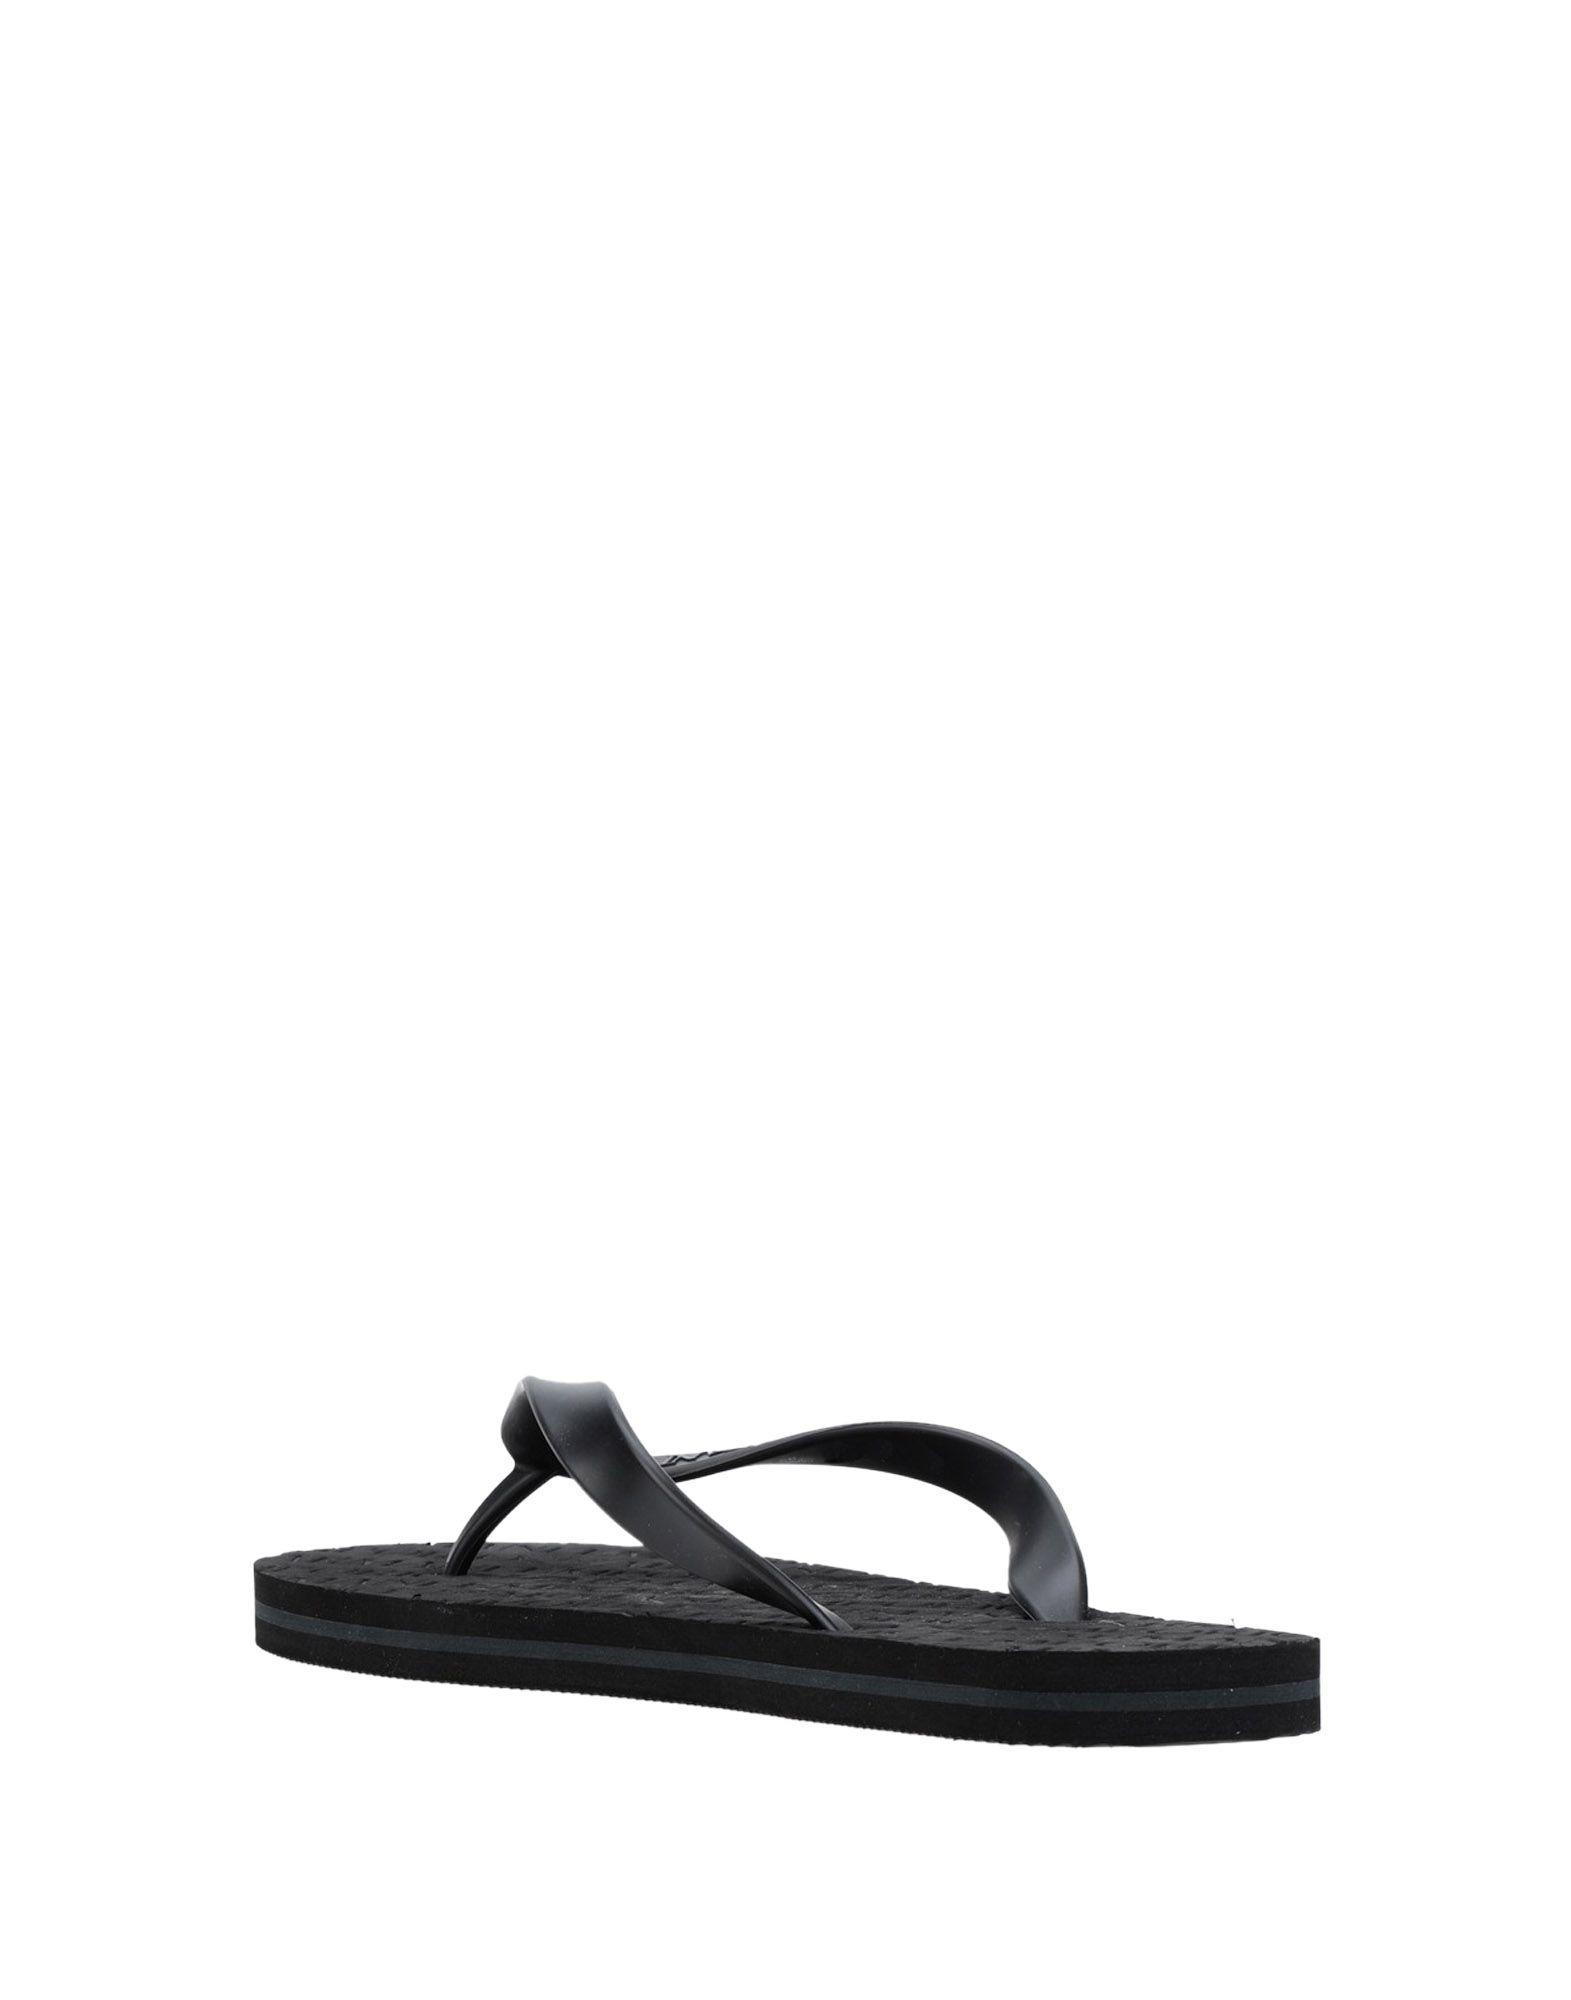 2a5ec8171 Lyst - Emporio Armani Toe Post Sandal in Black for Men